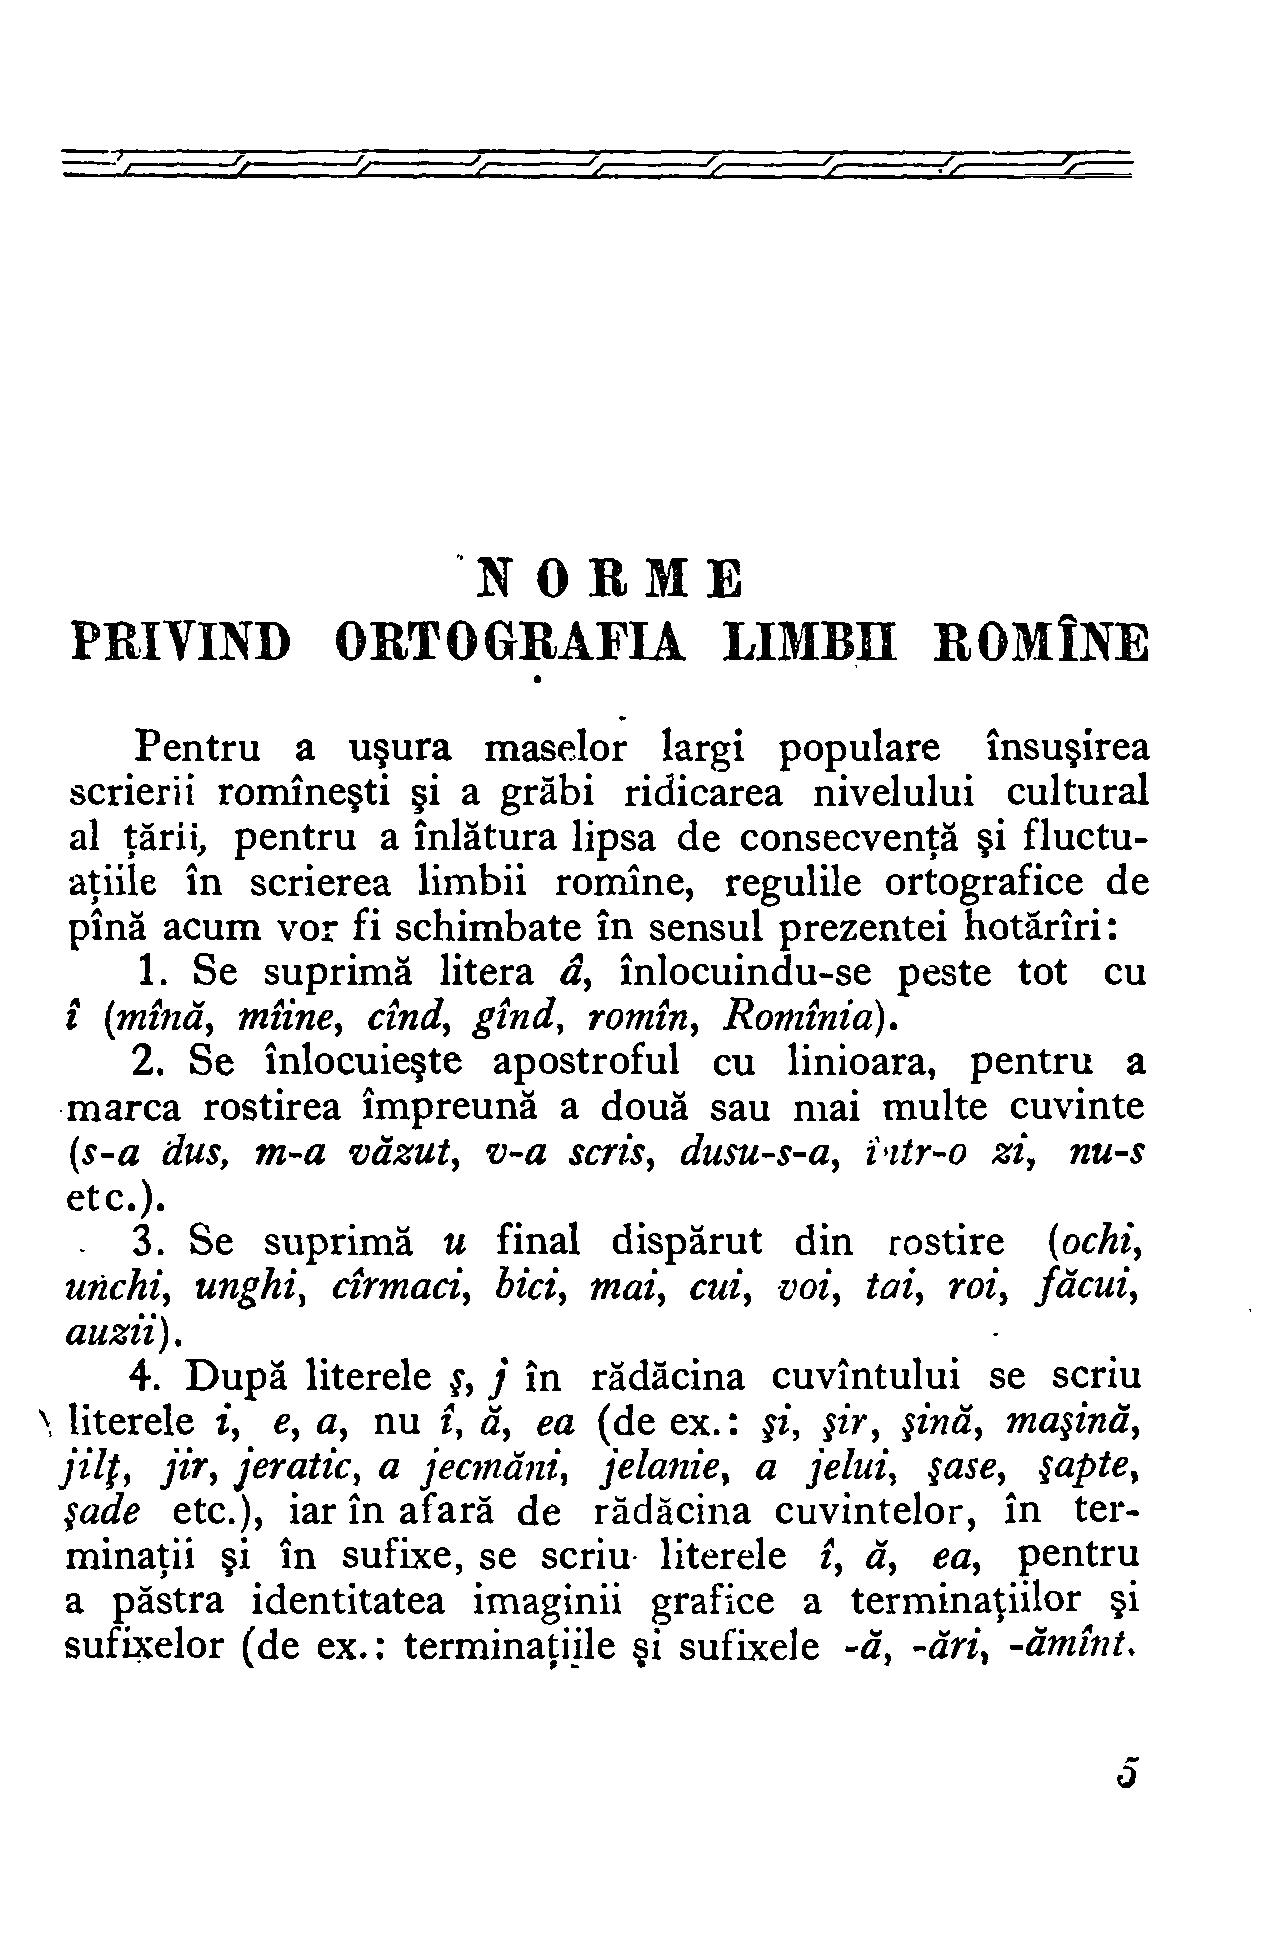 1954 - Mic dicționar ortografic (4).png